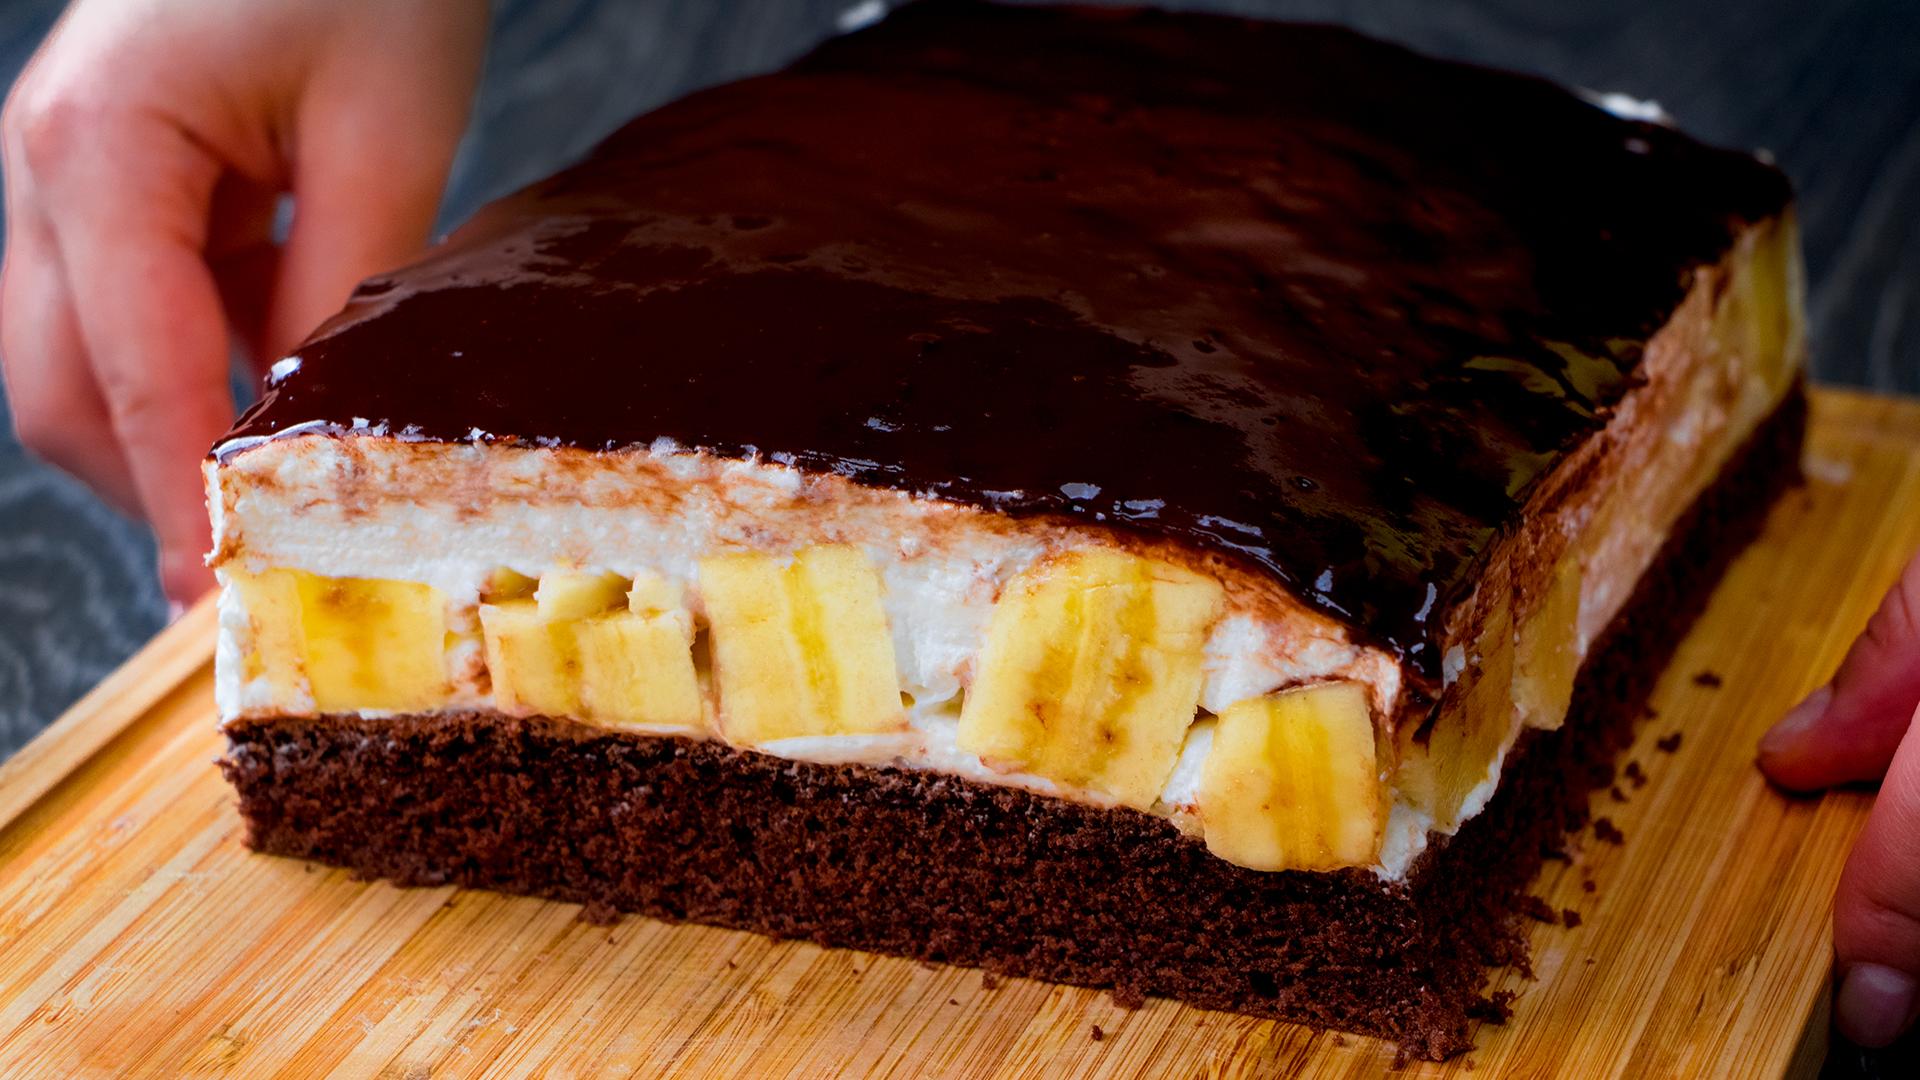 Am să-l fac mereu! Tort racoros ca o înghețată, perfect pentru o vară toridă şi nu numai!